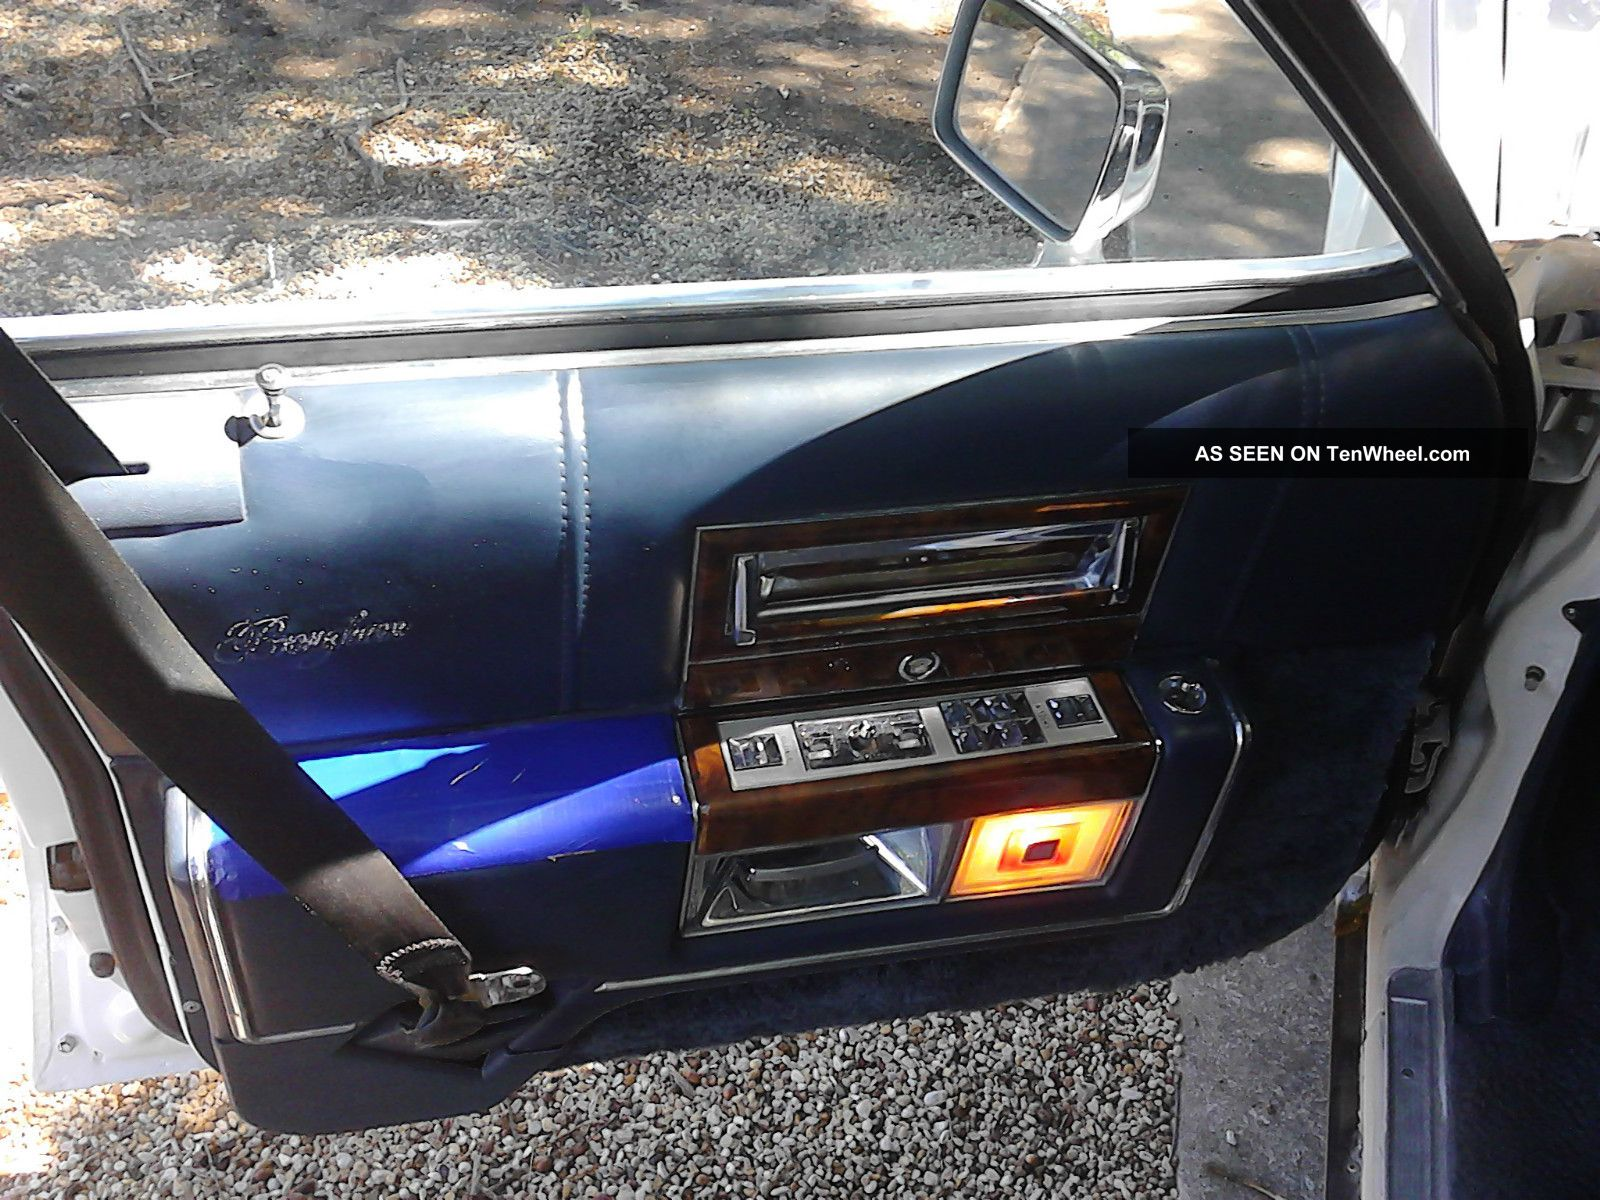 1992 Cadillac Euro Fleetwood Runs And Drives